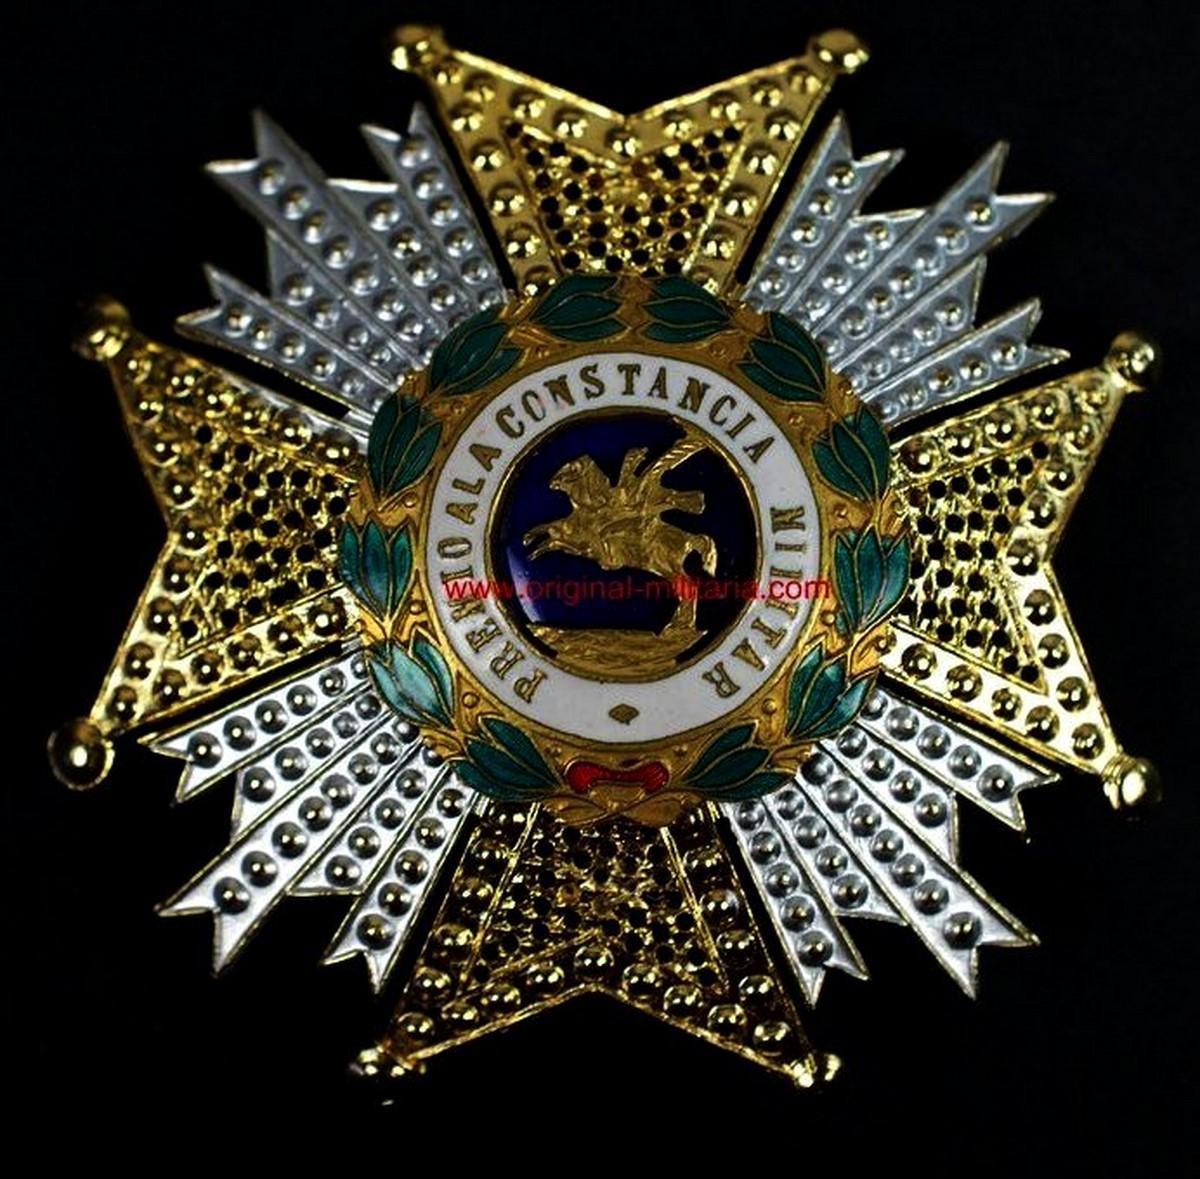 Rara Variante de la Real y Militar Orden de San Hermenegildo, Fabricación Francesa.